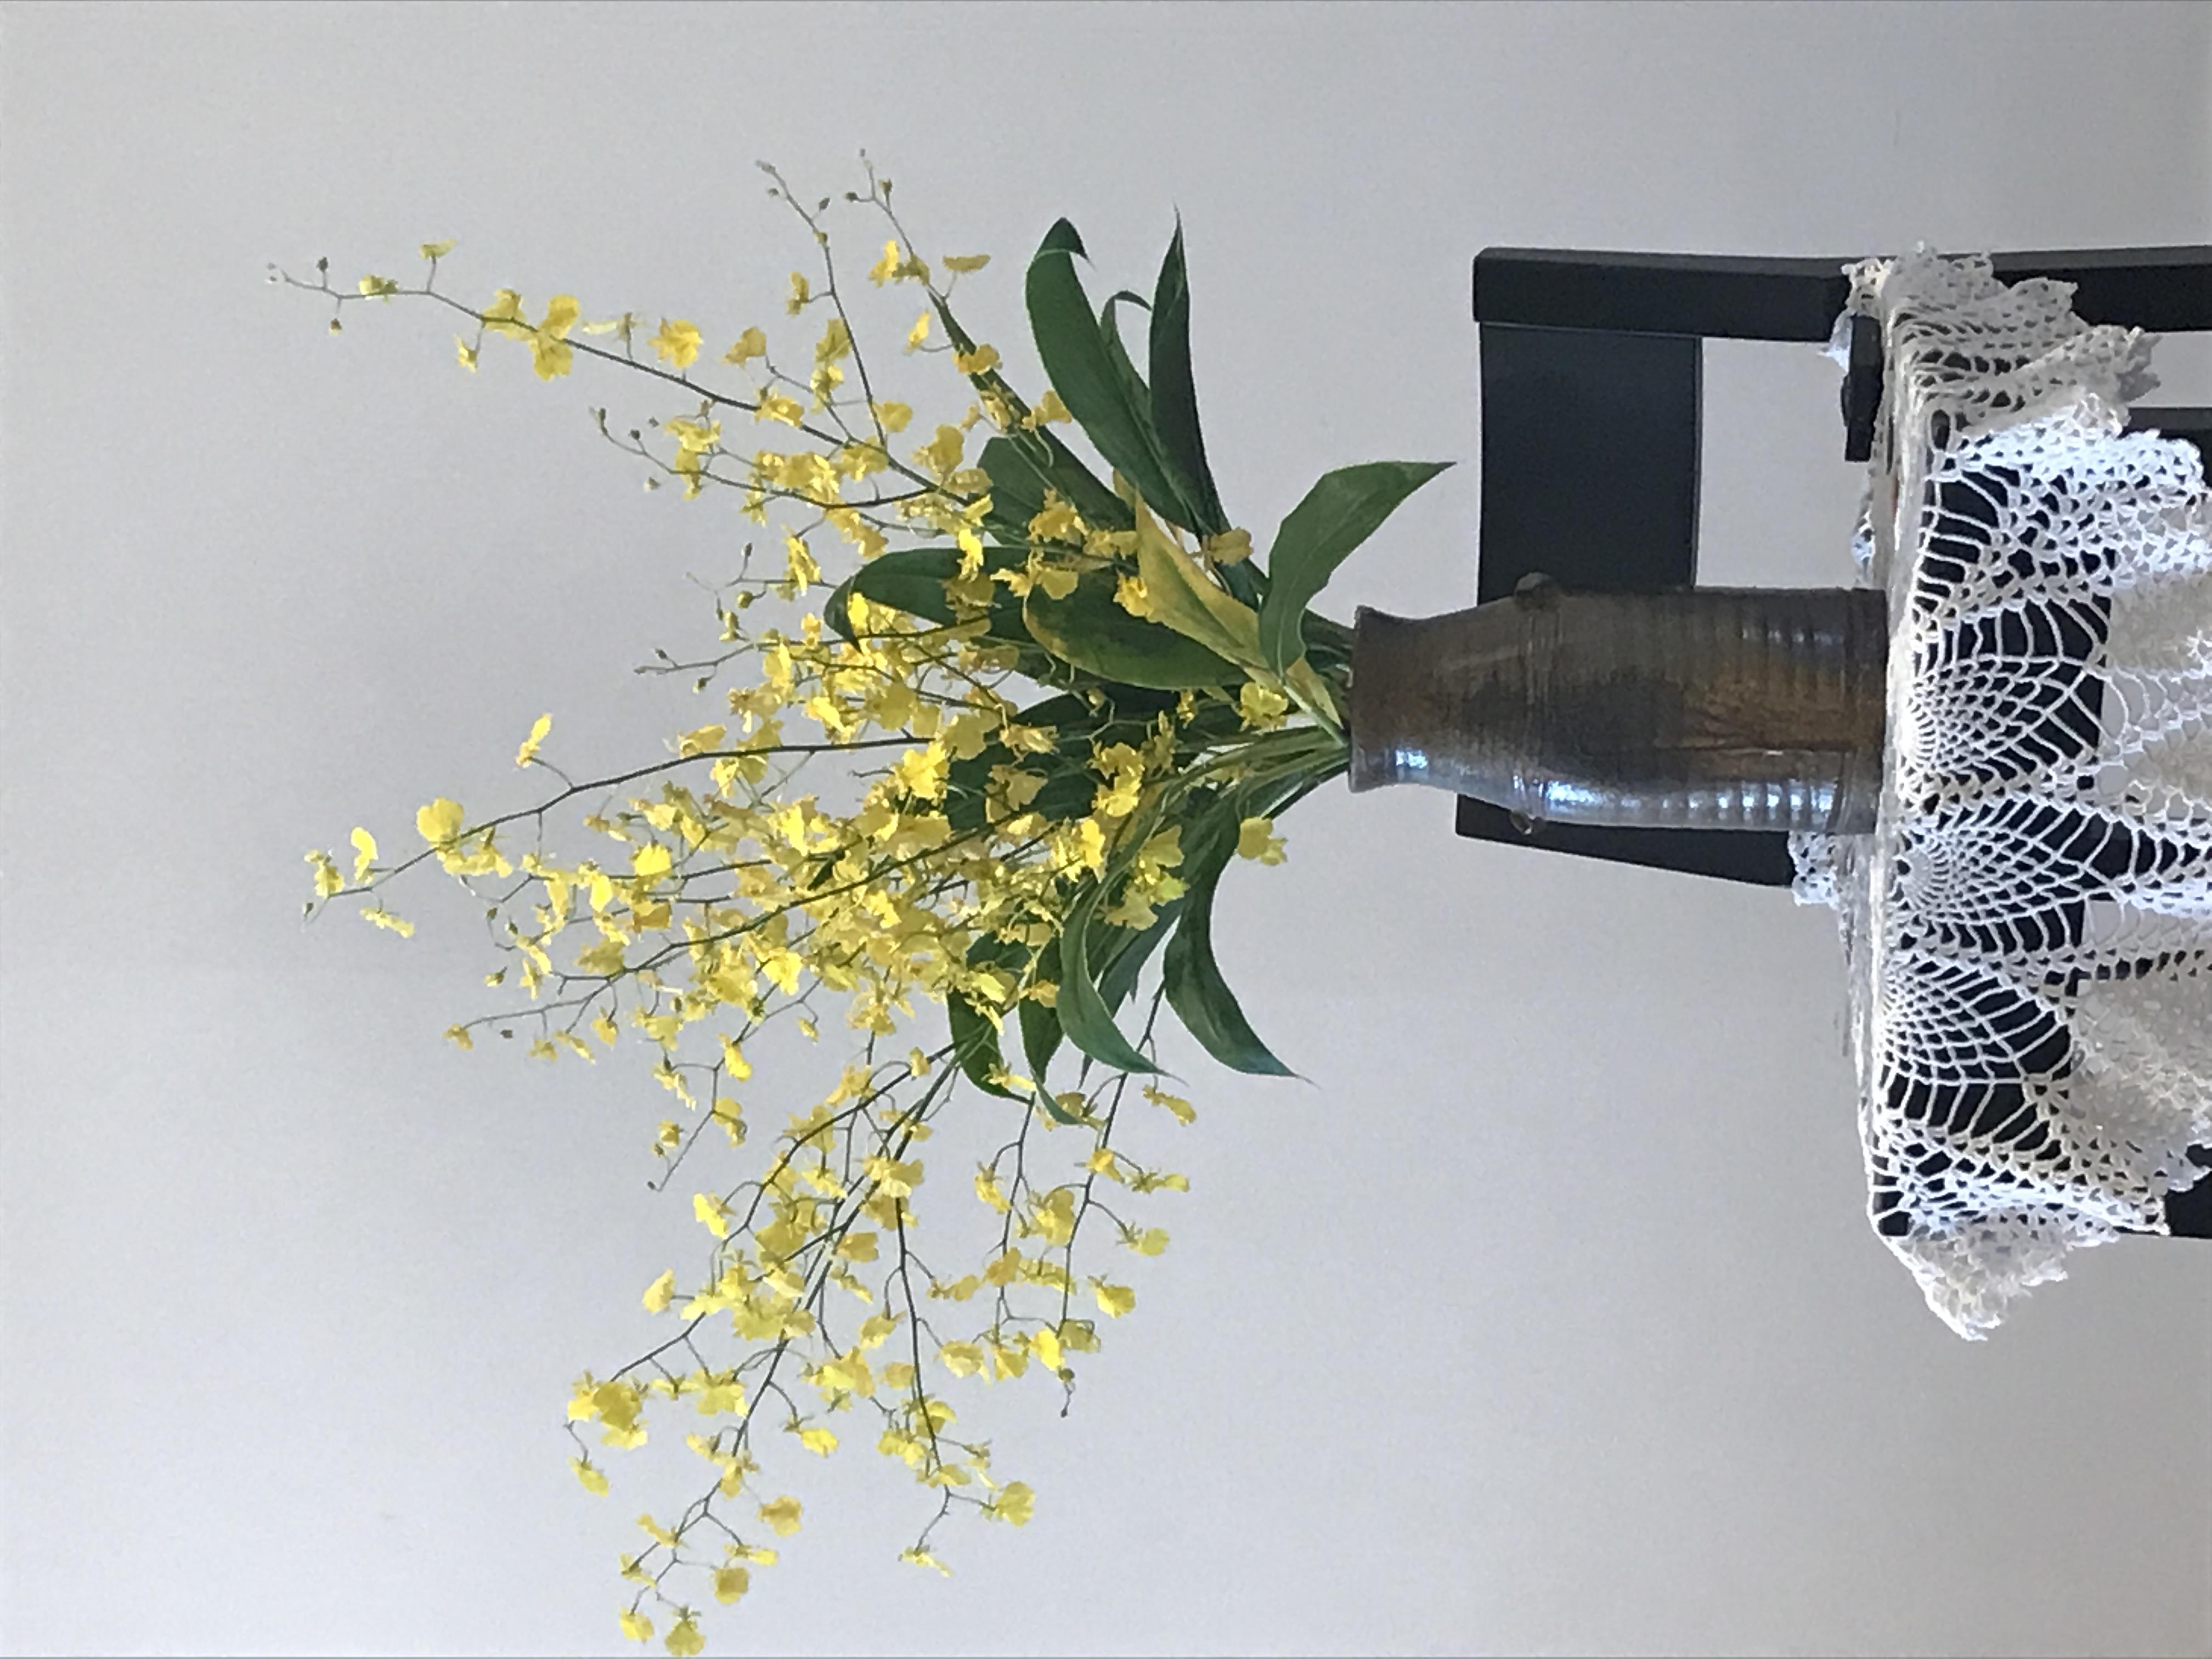 2017/9/3、聖日礼拝のお花